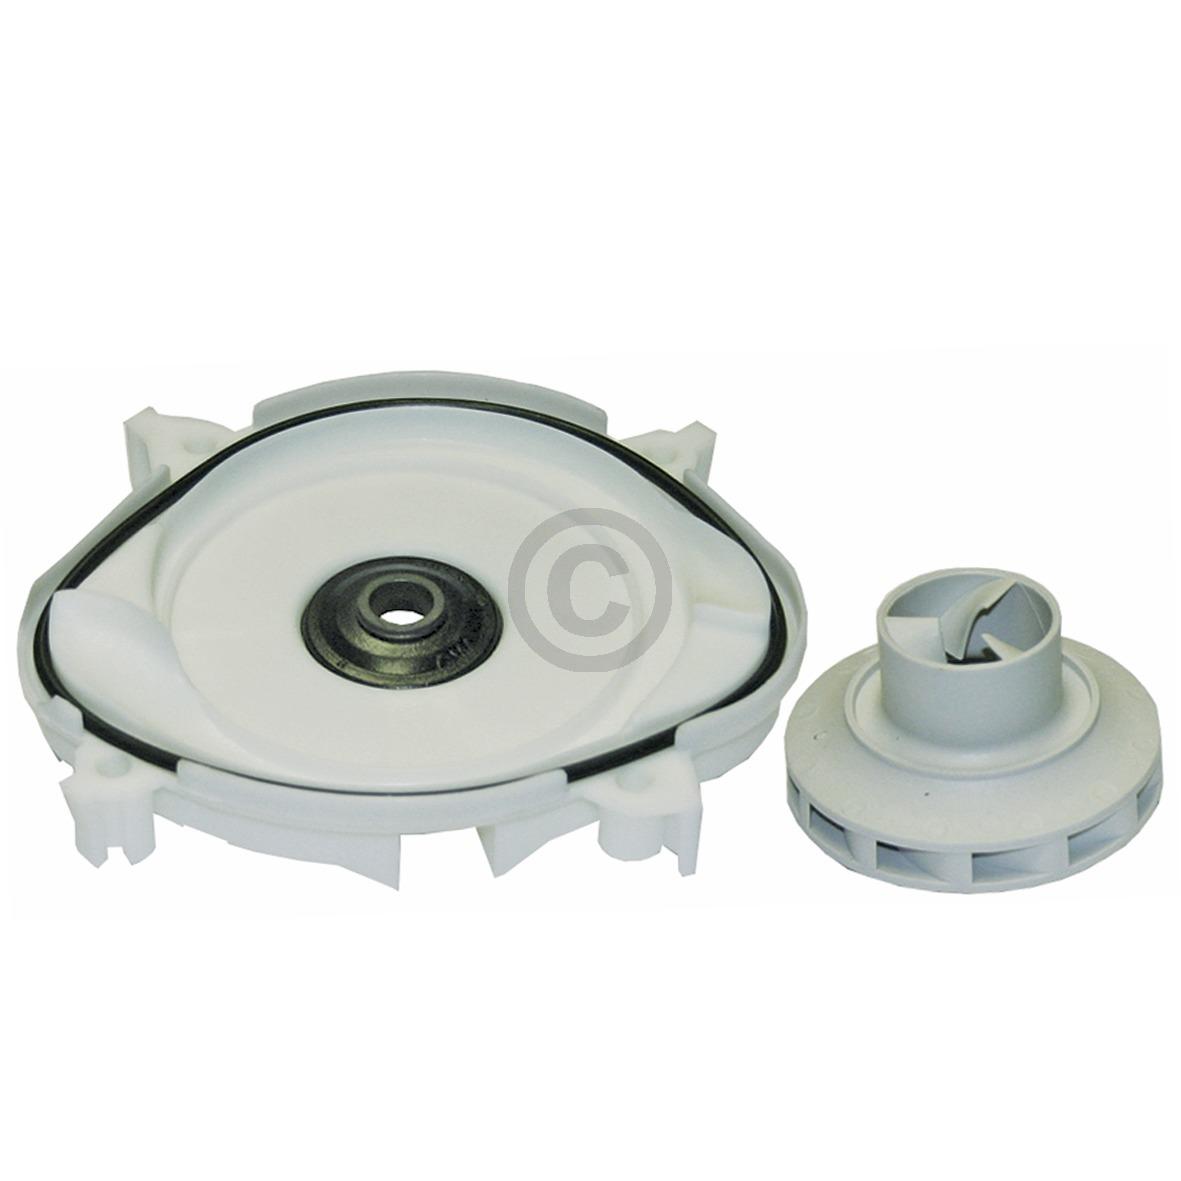 Pumpenkopfteil für Umwälzpumpe, kpl. 5011733 Miele